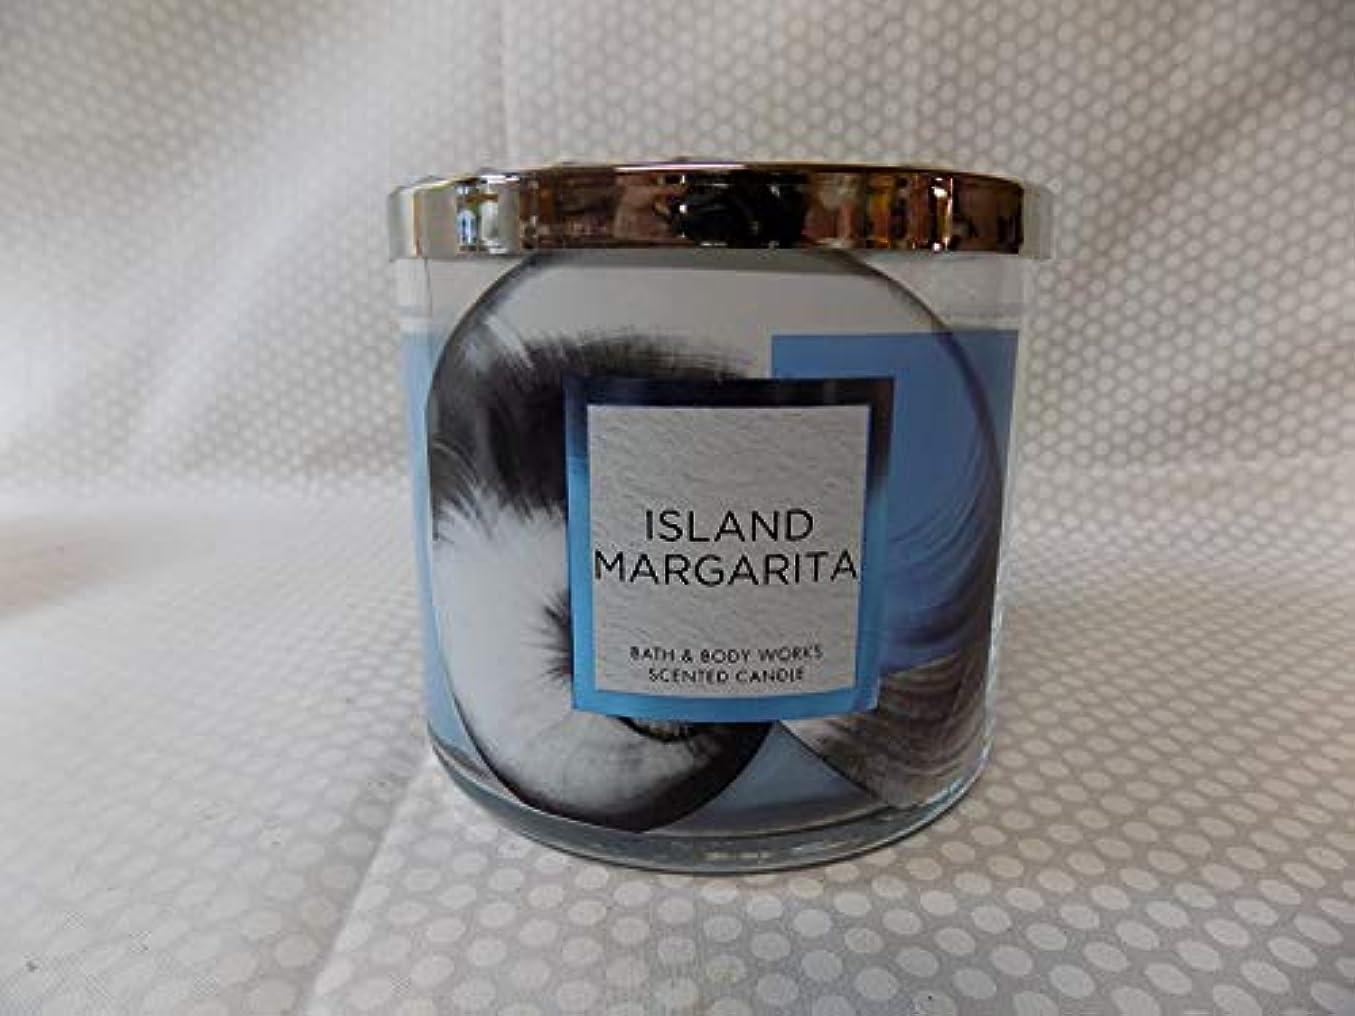 強打予言するマラドロイトBath and Body Works Island Margarita香りつき3 Wick Candle